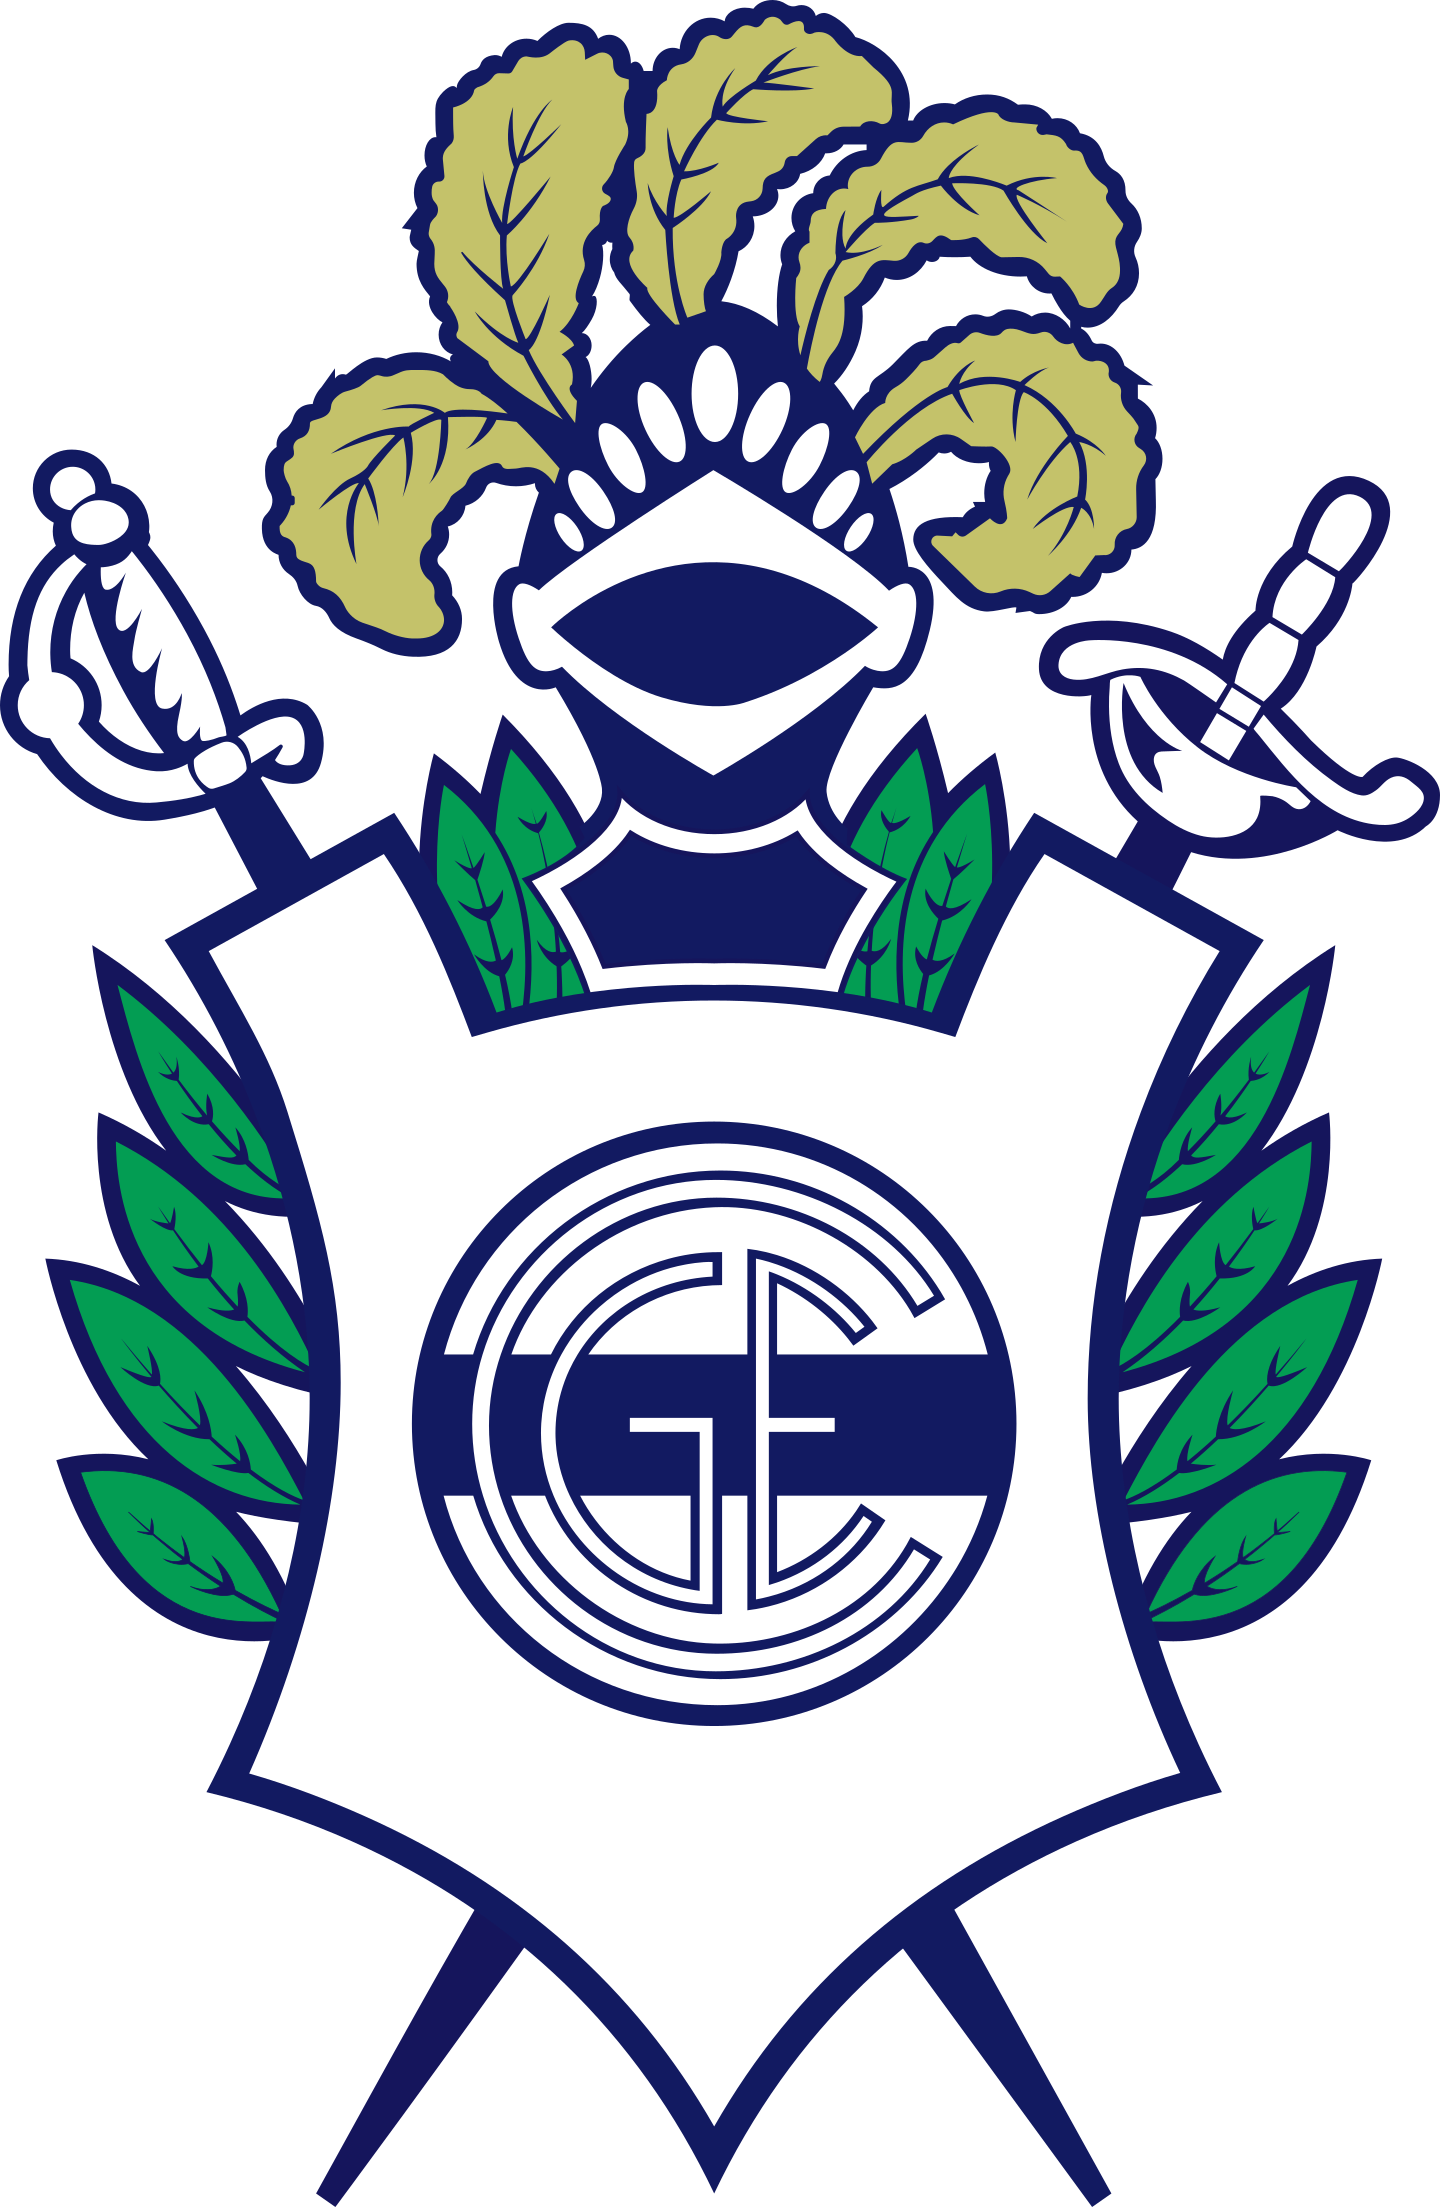 gimnasia y esgrima de la plata logo 2 - Gimnasia y Esgrima La Plata Logo